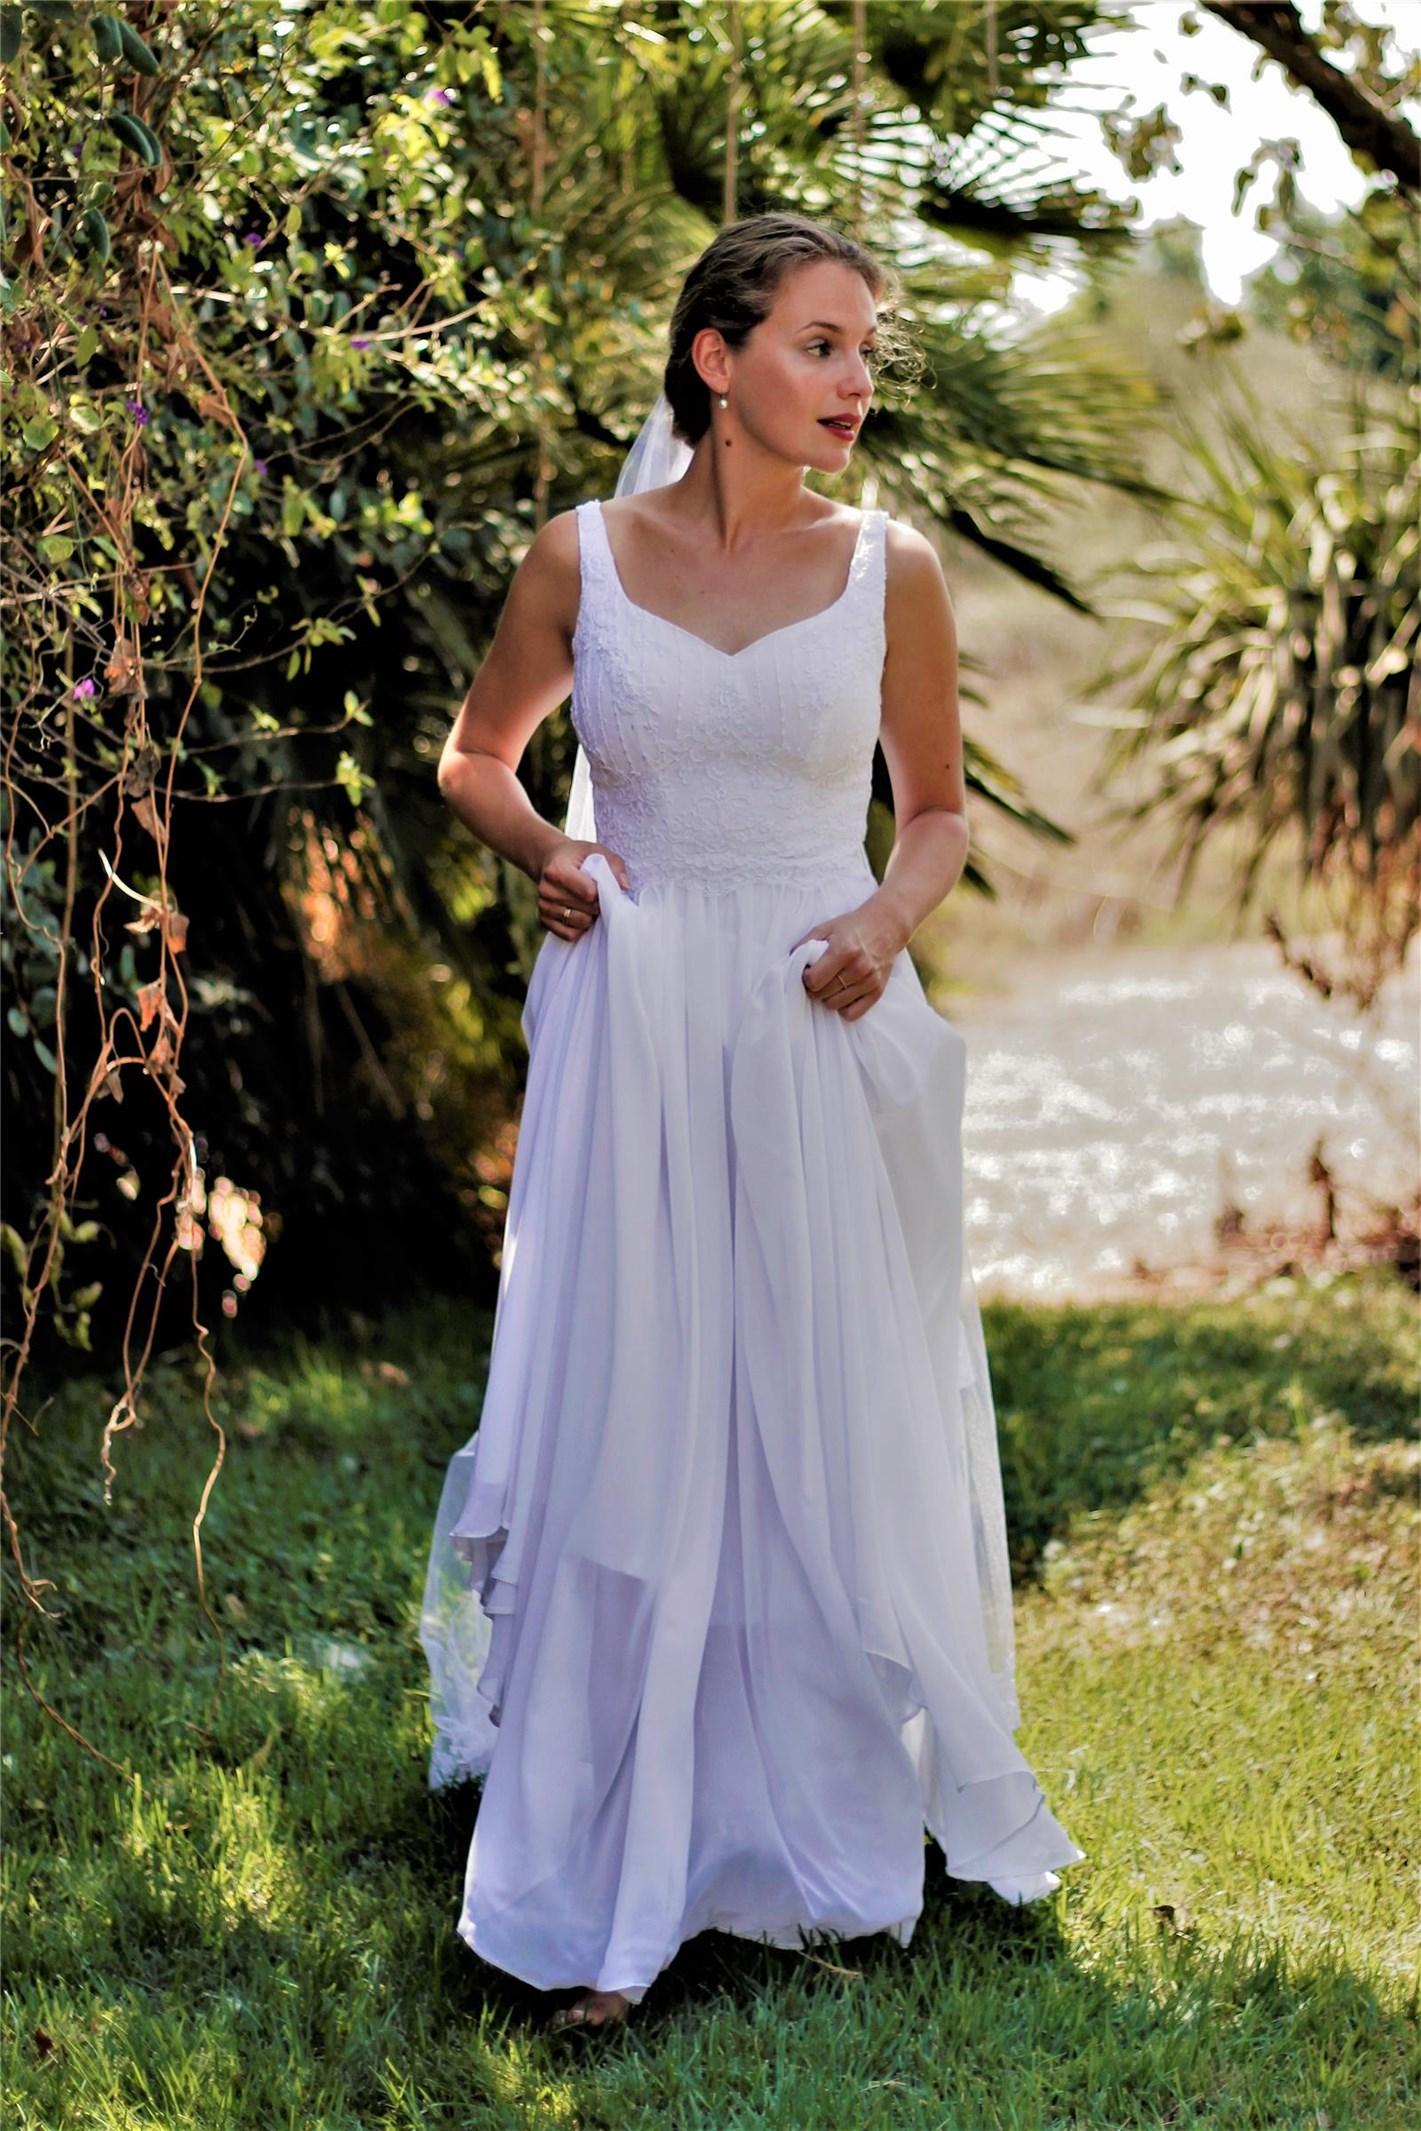 שמלת כלה - דגם רעות של אור טוהר (צילום: רעות דגני)